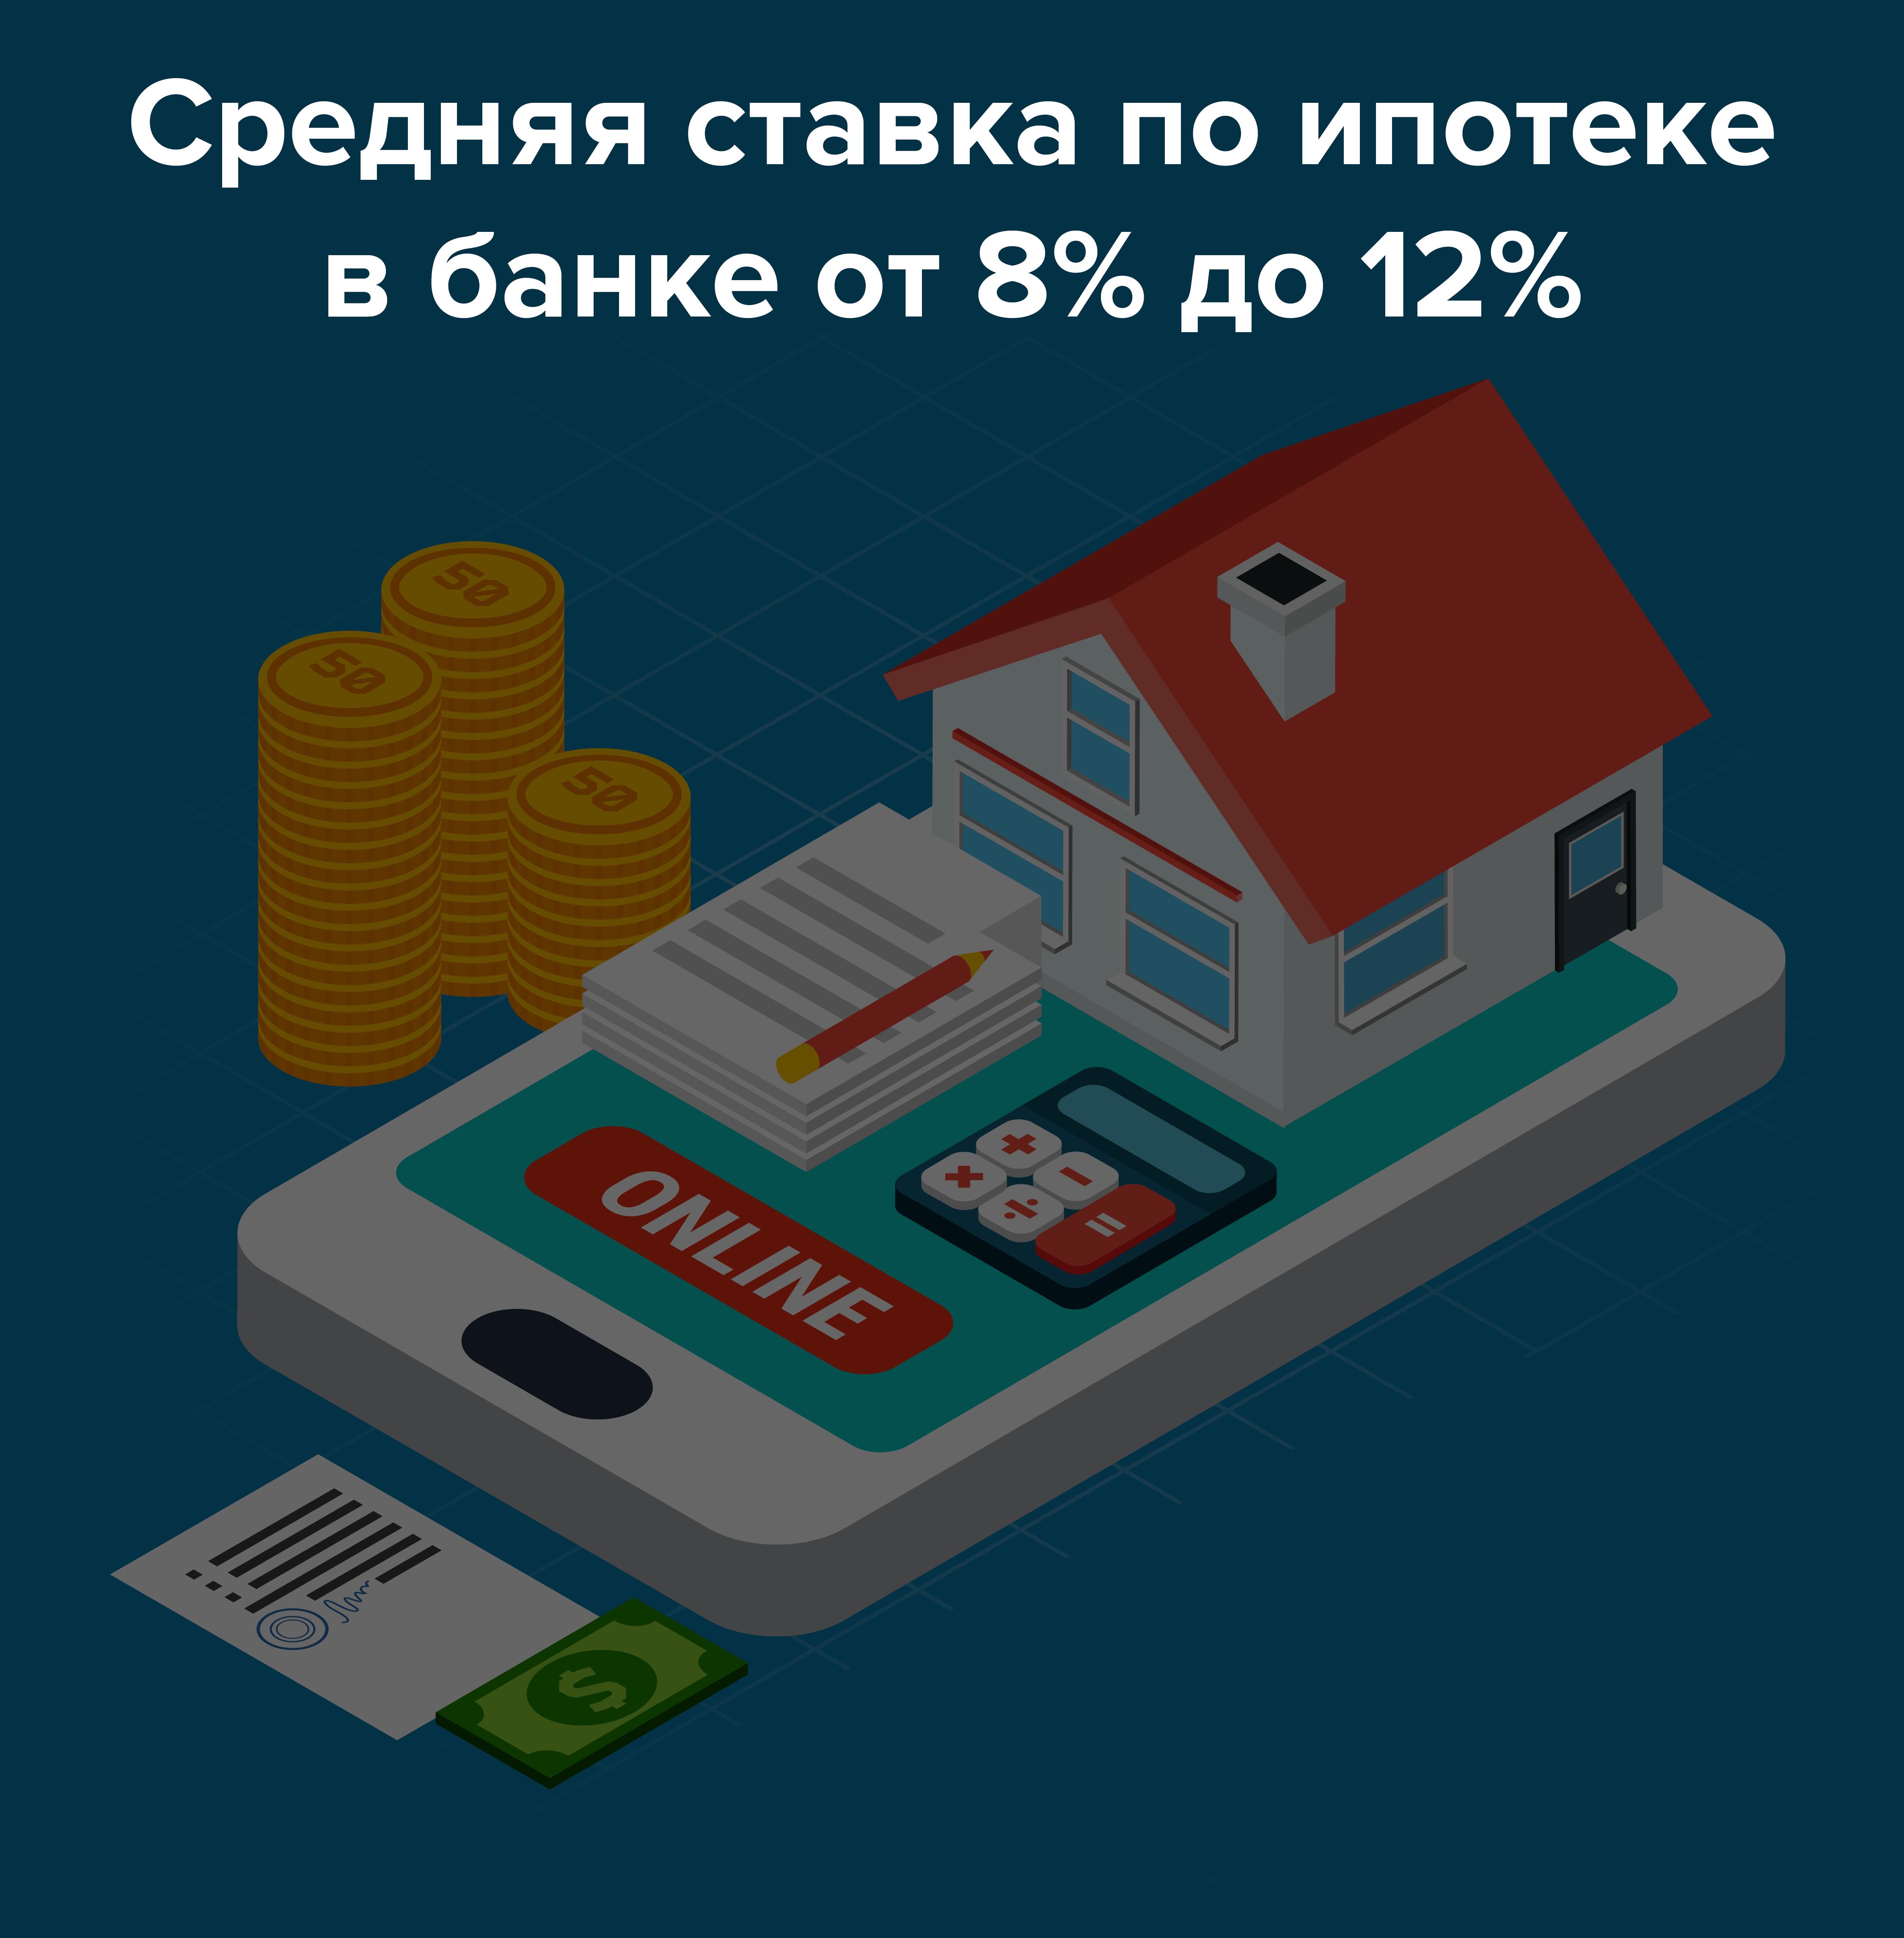 Семейная ипотека с государственной поддержкой 2020 — условия ипотеки под 6 процентов для семей с детьми